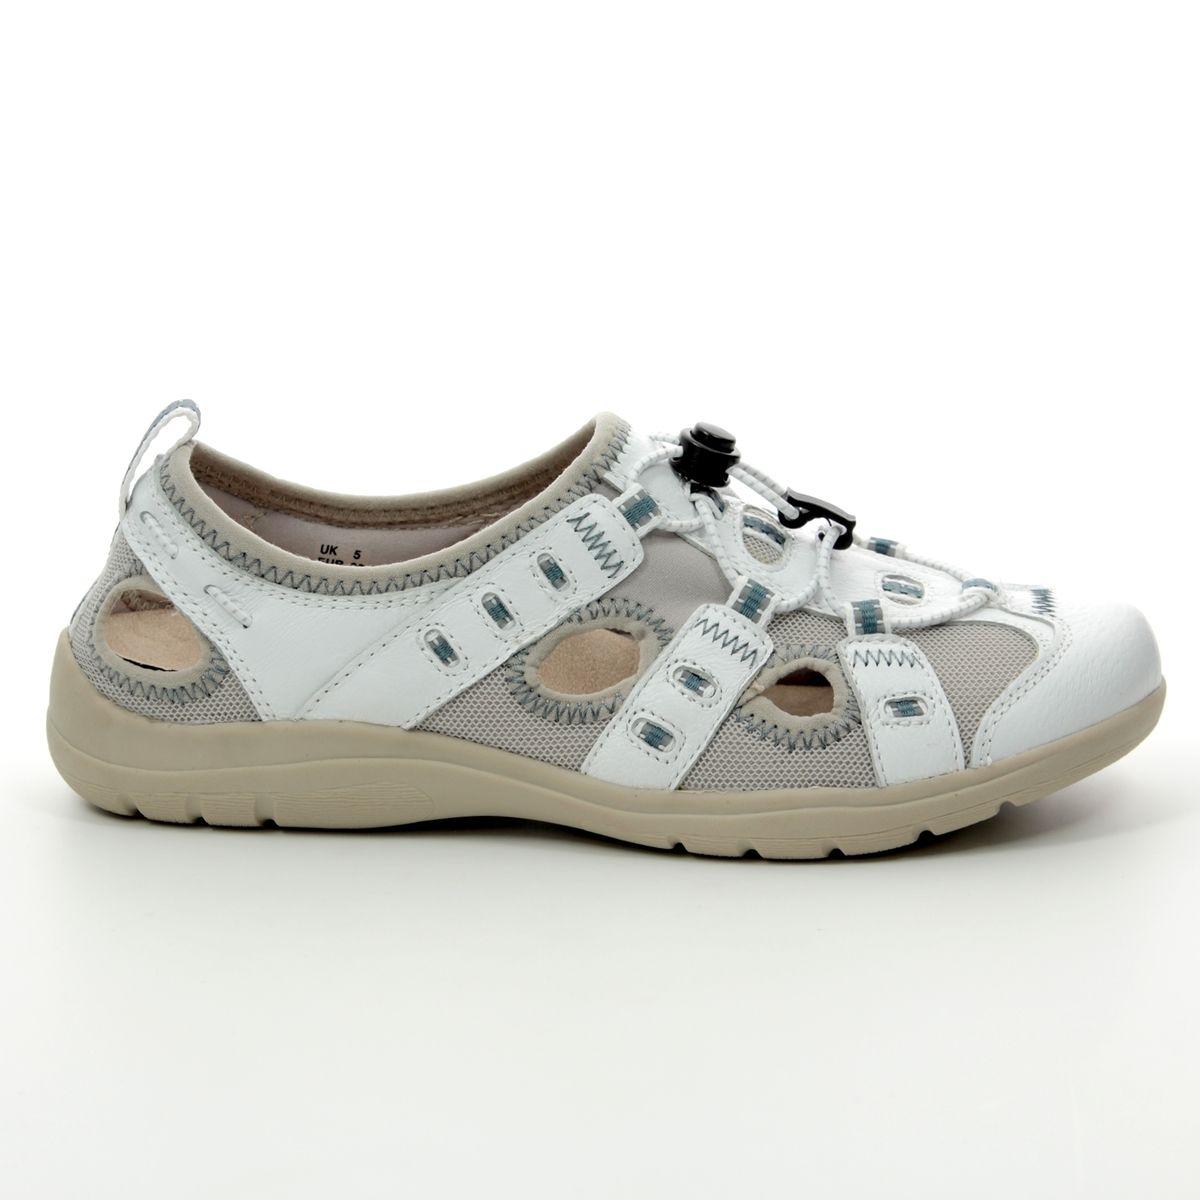 132ca9ddd3004 Earth Spirit Closed Toe Sandals - White - 30215/66 WINONA